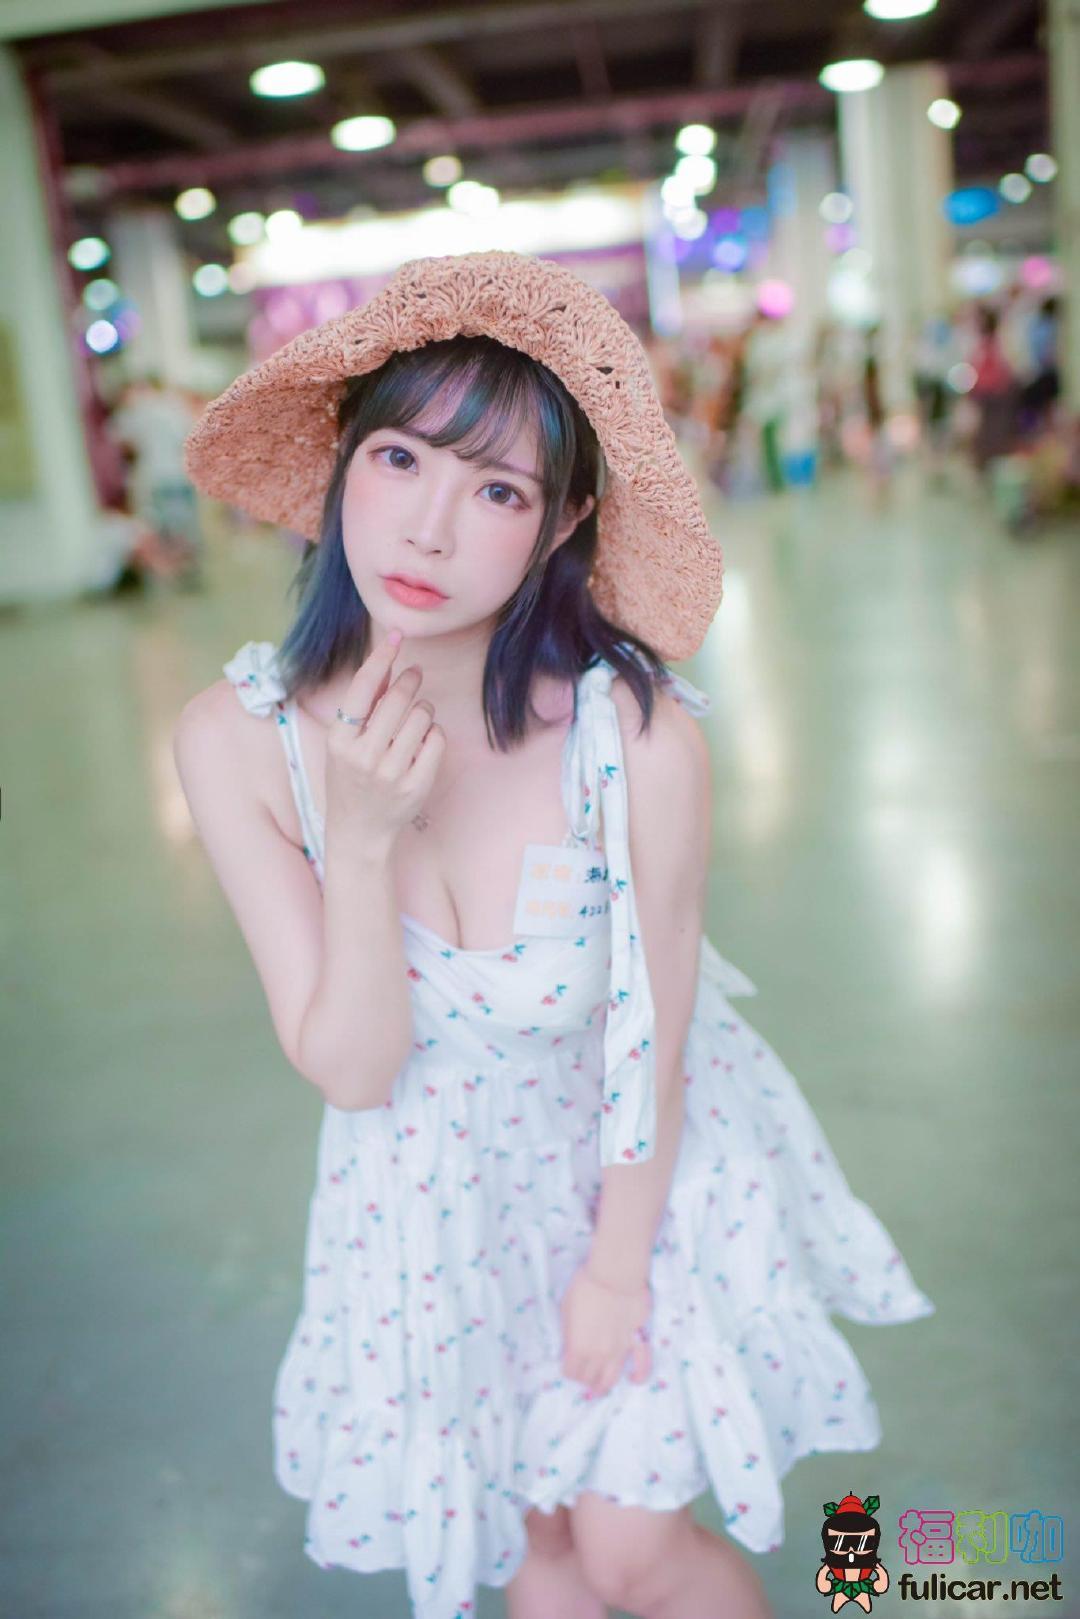 【妹子图】今日妹子–@千葉球球(Eroko Chiba)